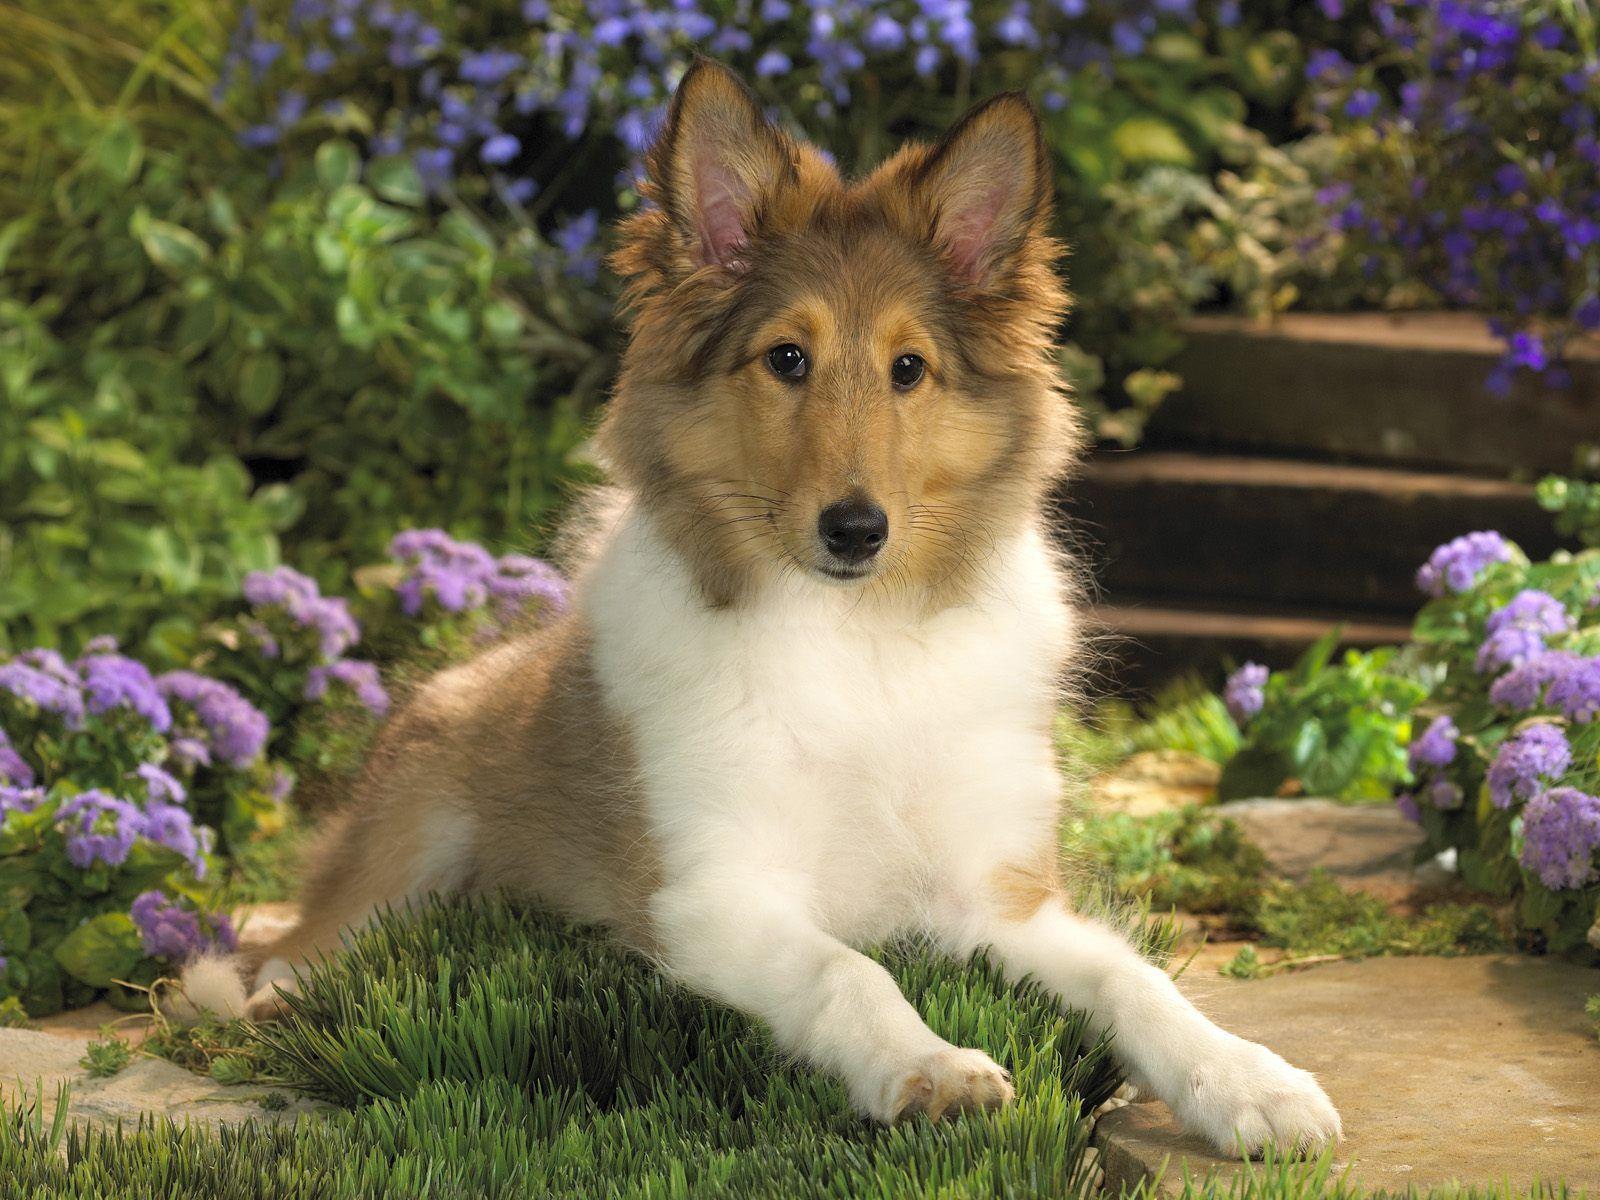 Sheltie So Cute Sheltie Puppy Sheltie Puppies For Sale Sheltie Dogs